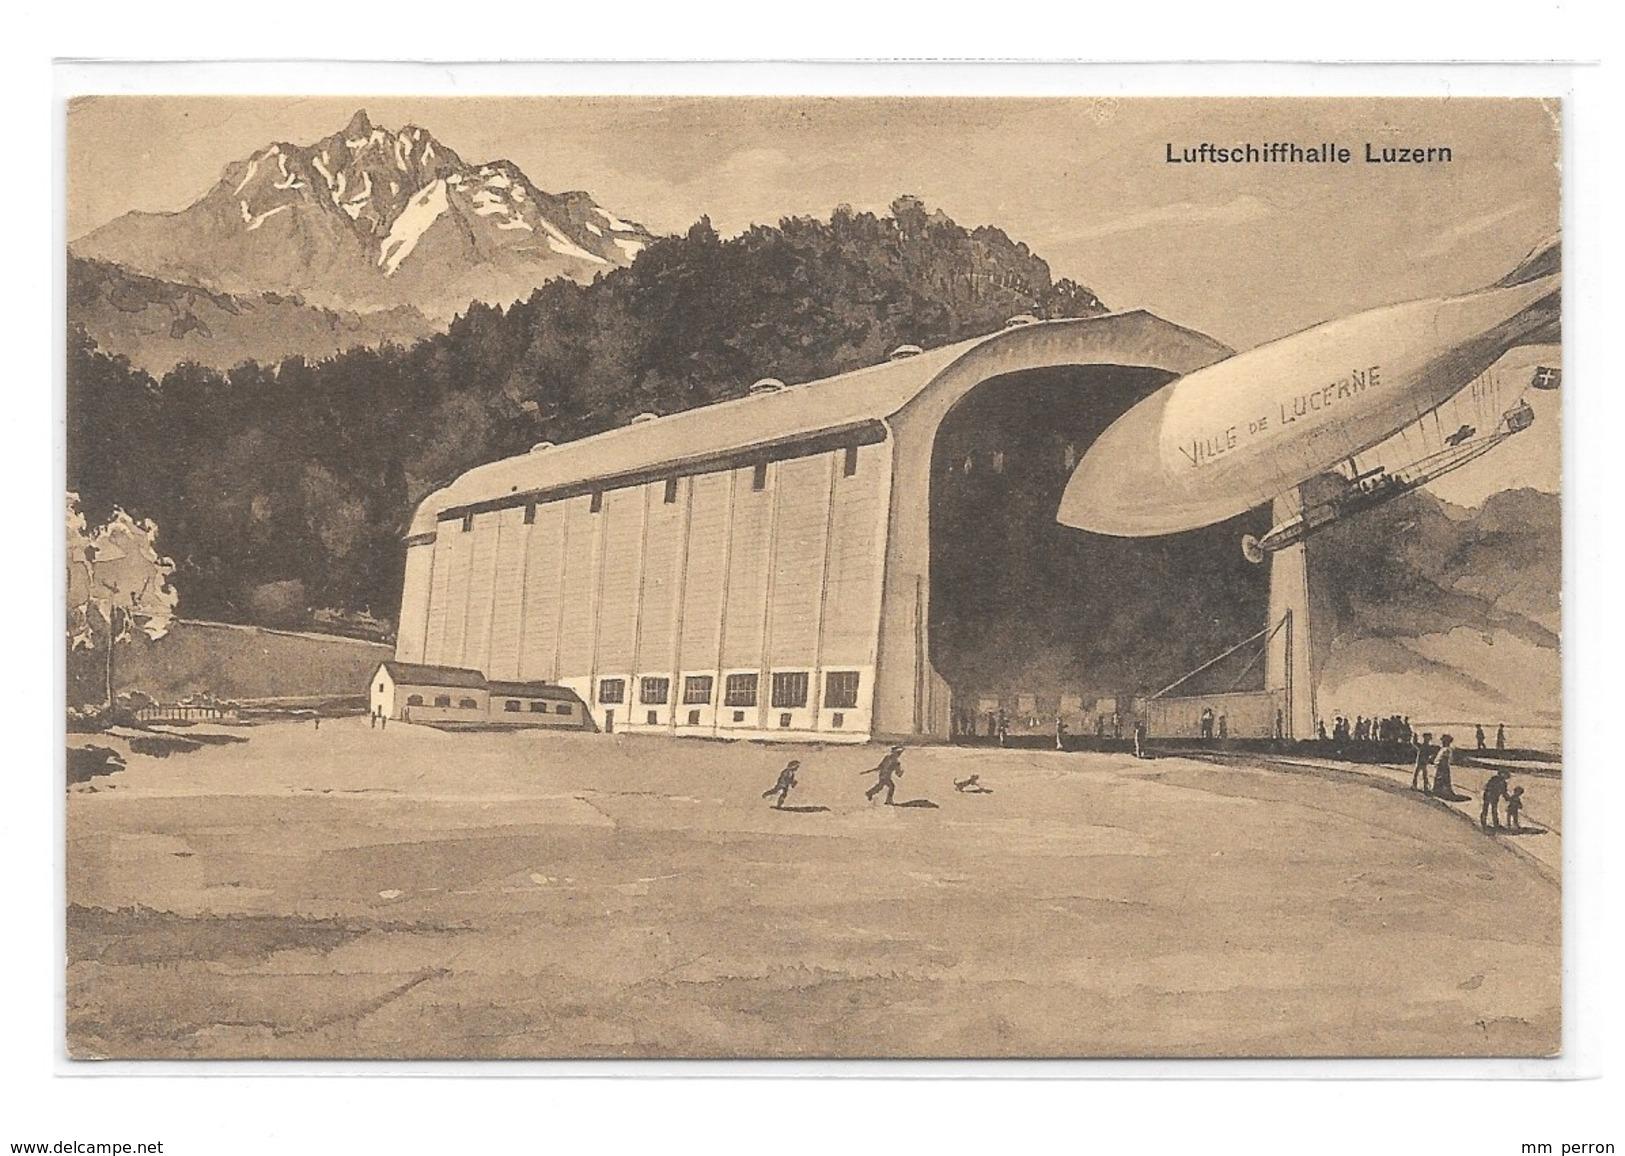 (13064-00) Luftschiffhalle Luzern - Ville De Lucerne - Suisse - Airships